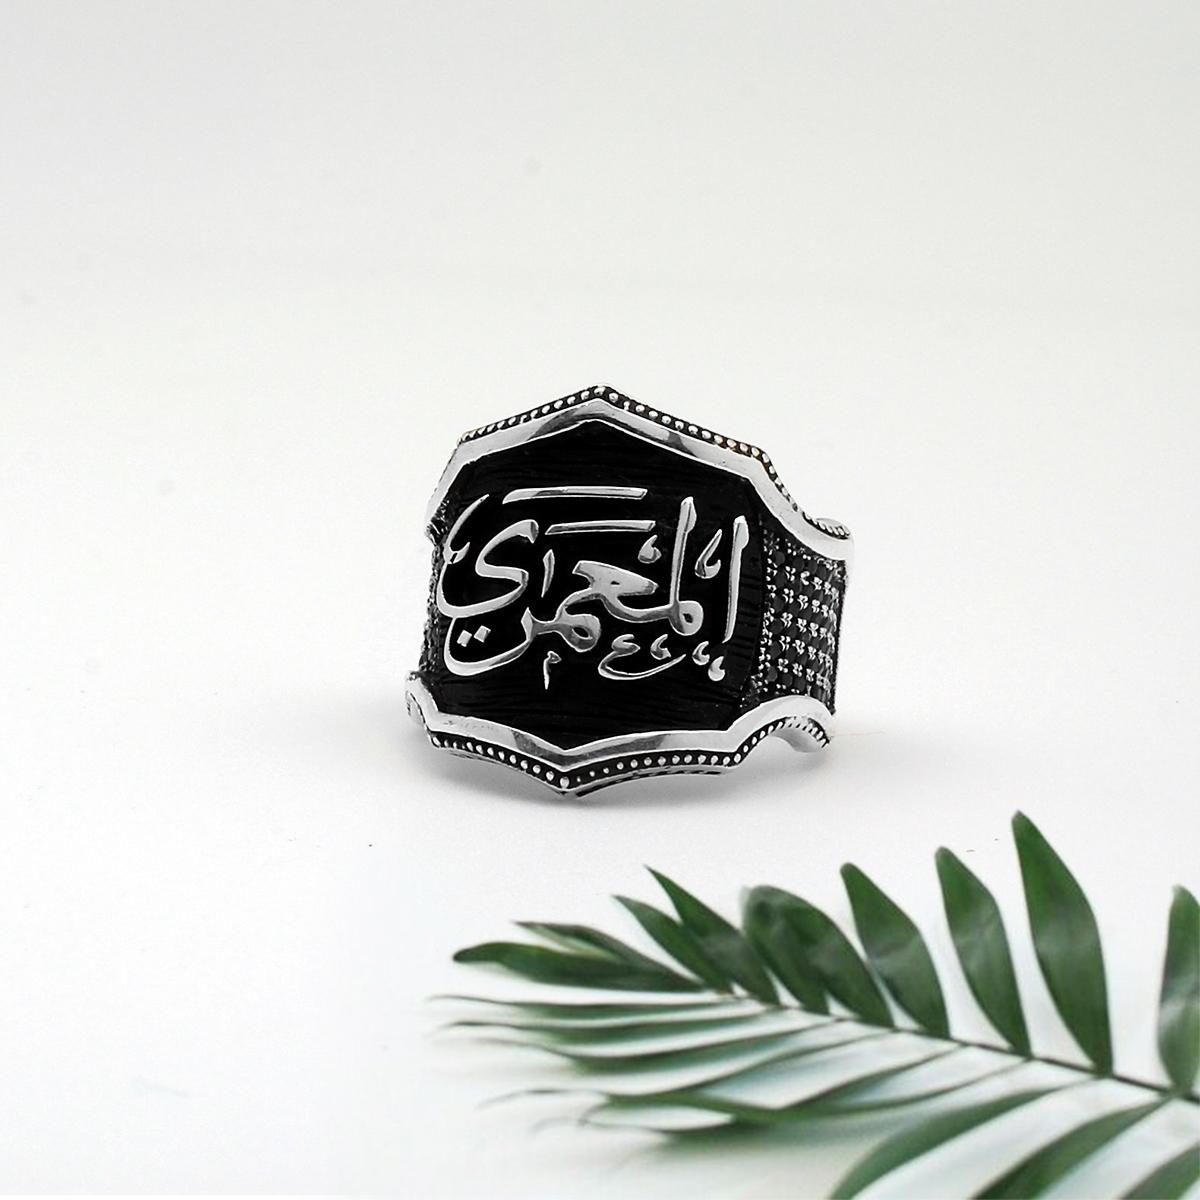 خاتم رجال يمن الفضة التركية عيار 925 مرصع بأحجار الزركون الاسود على الجوانب مع امكانية كتابة الاسم حسب الطلب ( 113 دولار ) (مدة تفصال 7 ايام )